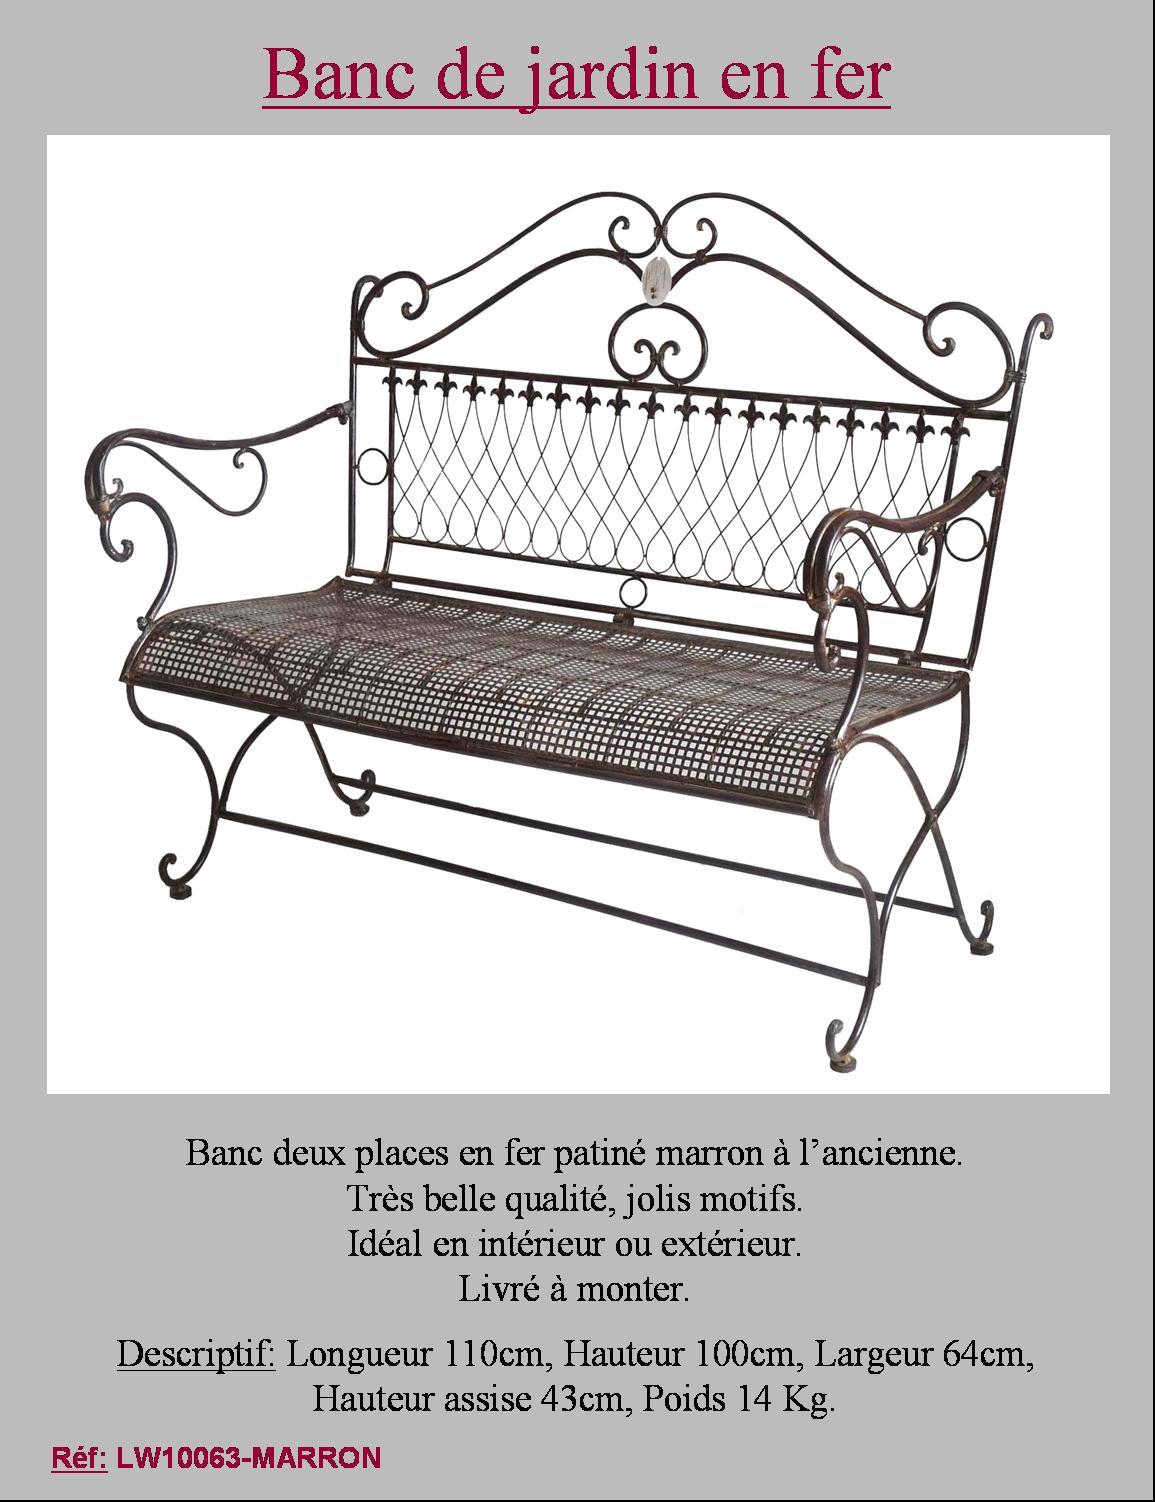 Grand banc fauteuil banquette de jardin en metal fer for Meuble de jardin metal